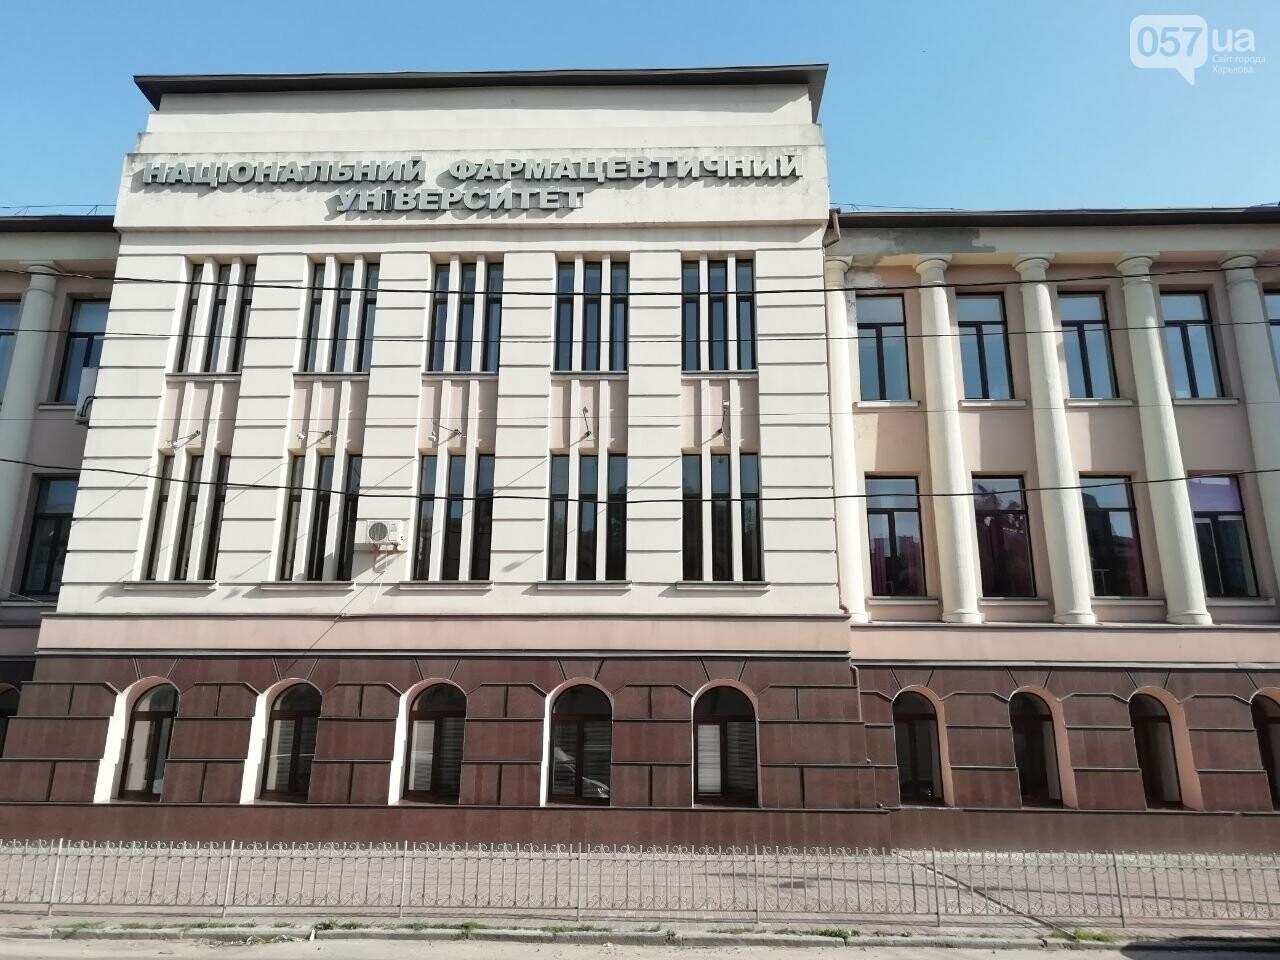 В здании на Куликовской, 12 сейчас находится корпус фармацевтического университета